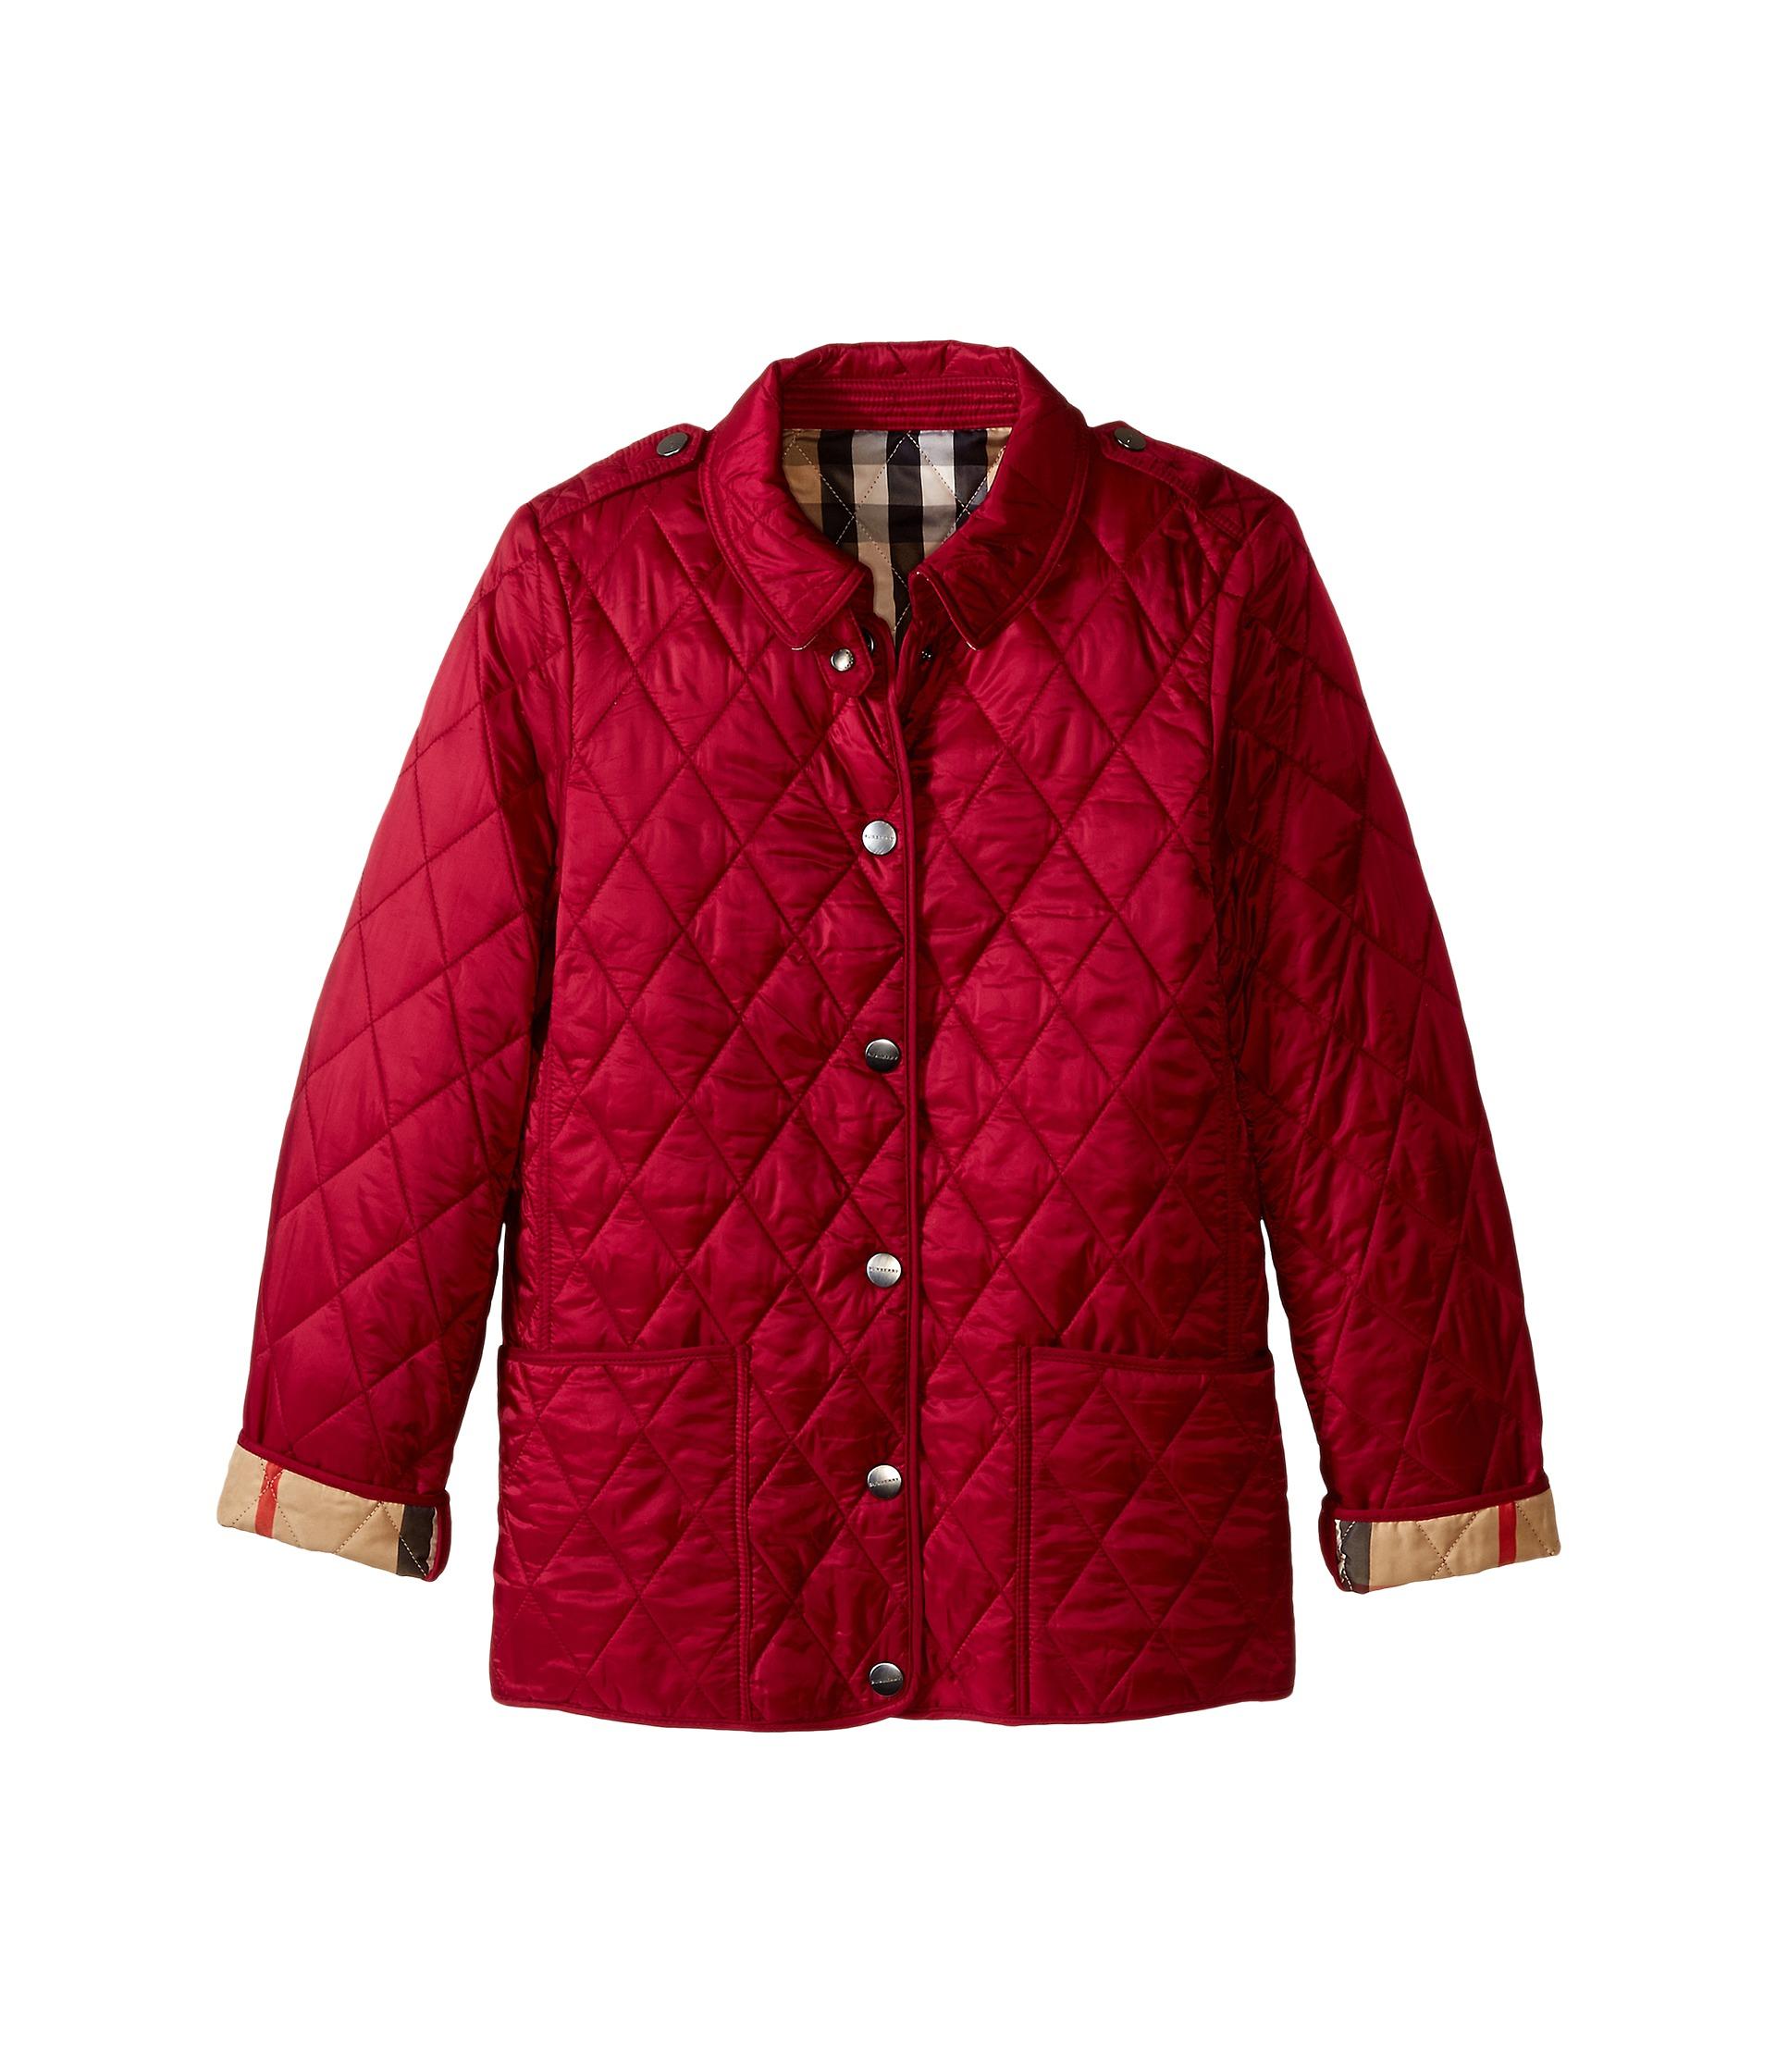 Купить Детскую Куртку Барбери